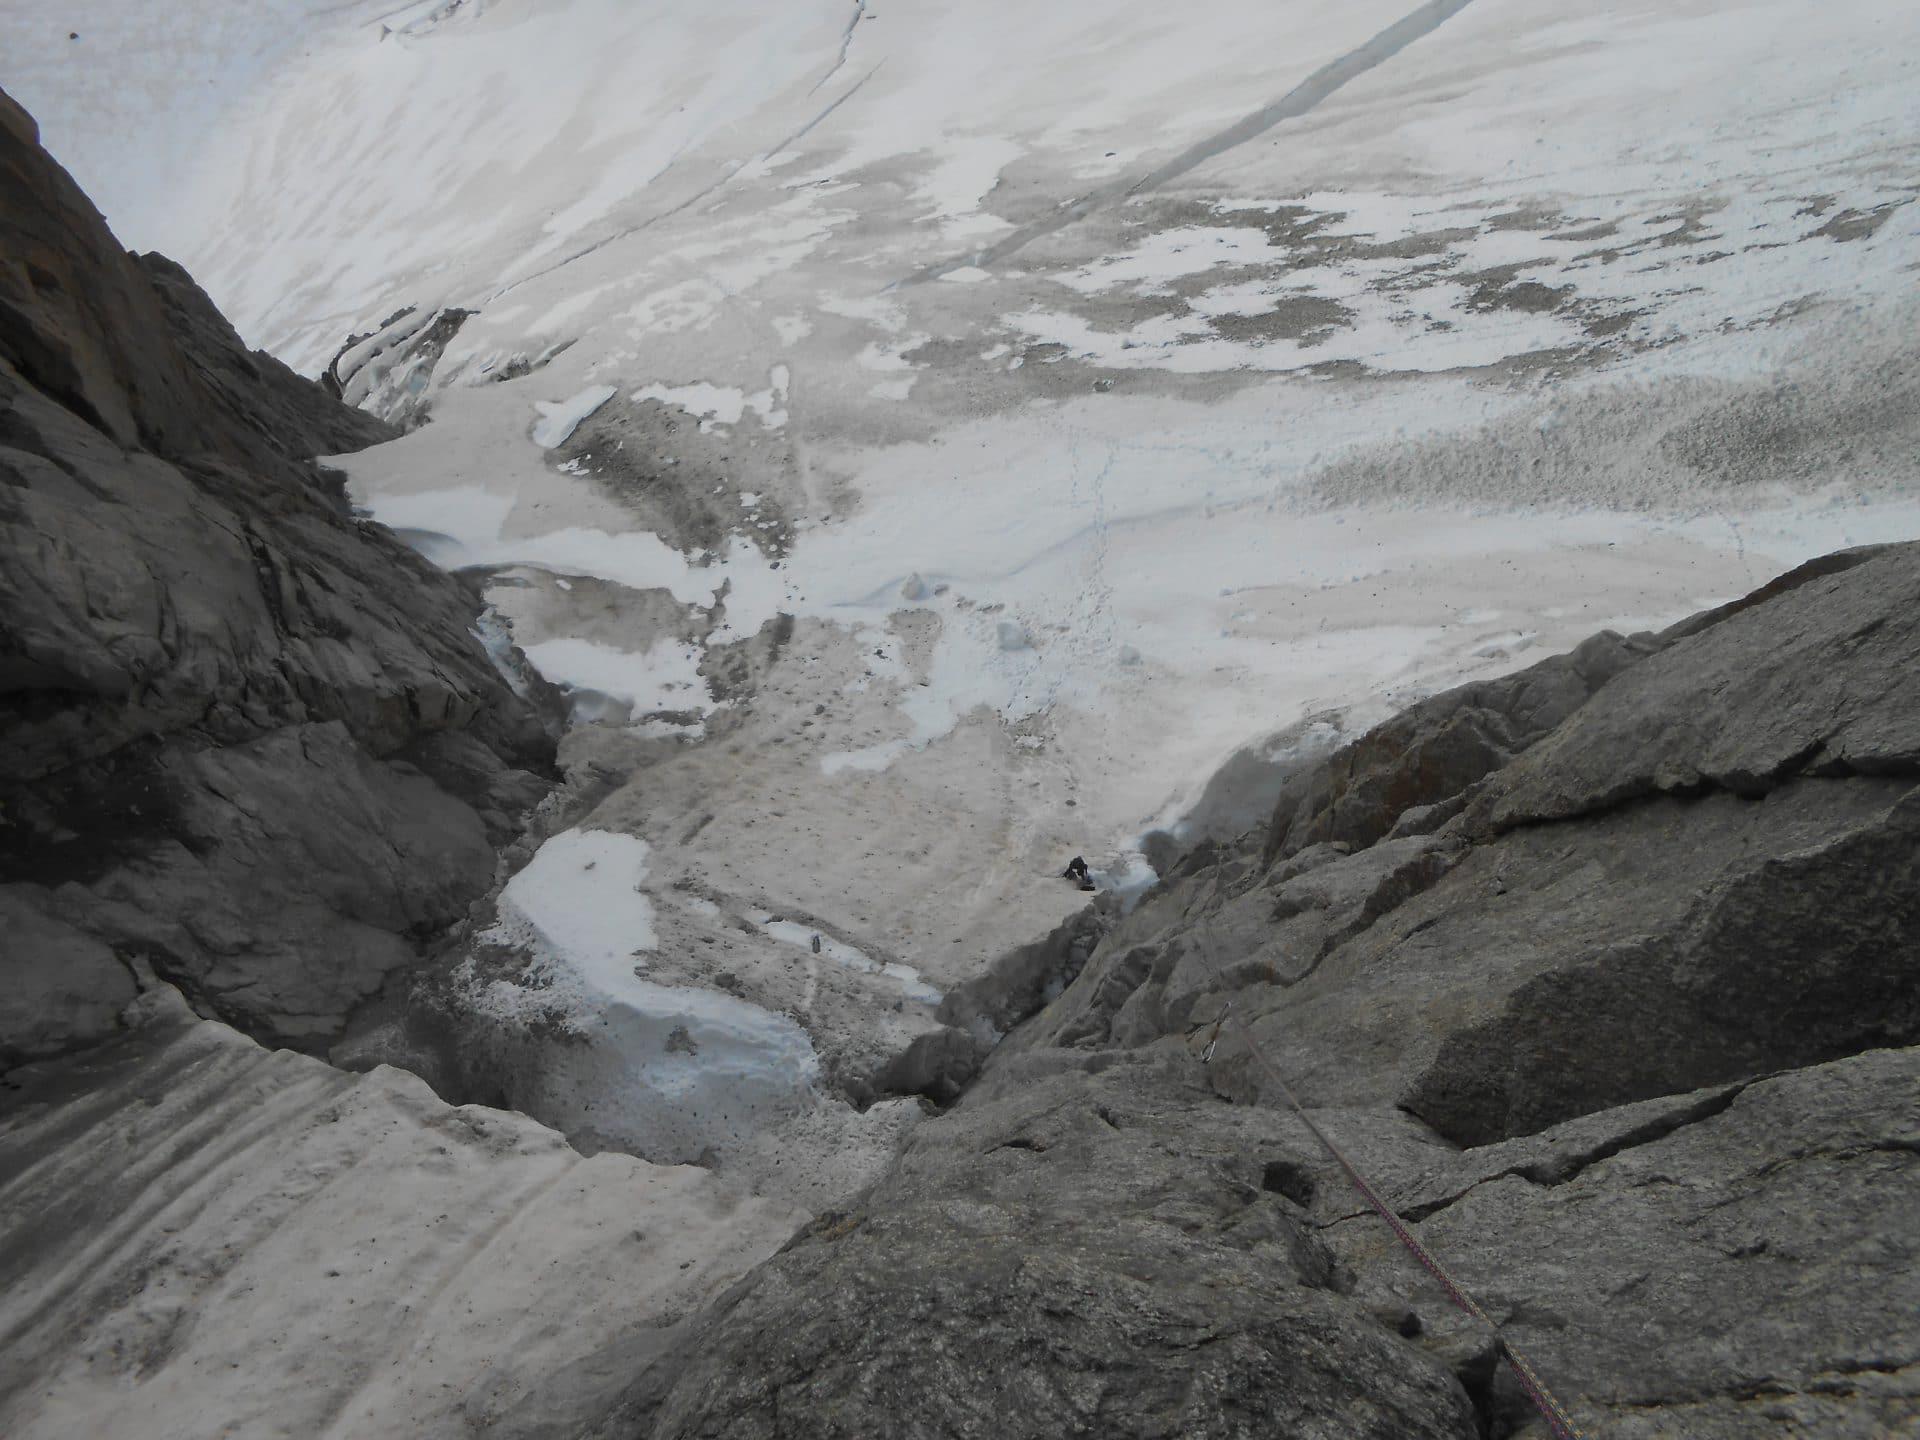 Helyum_Xavier-Carrard_guide-de-montagne_Pilier-Gervasutti_Mont-Blanc_du_tacul_France.6